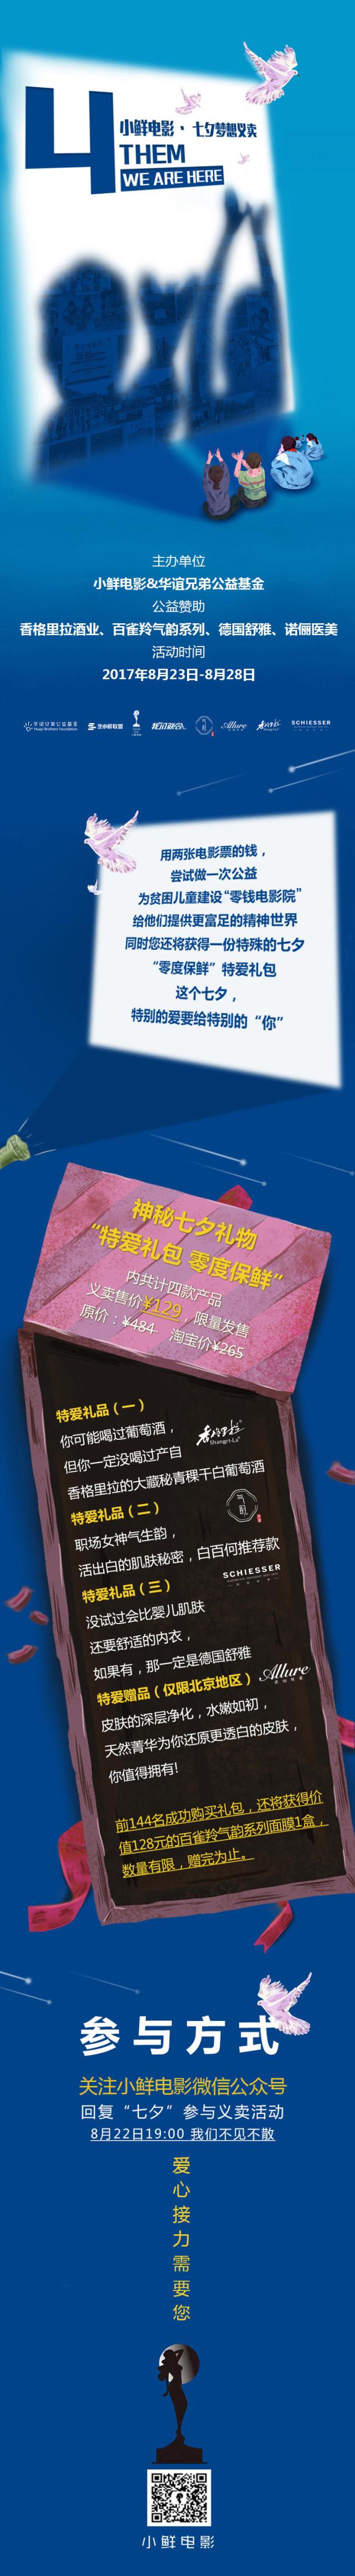 福利七夕最浪漫大礼包来袭,最重要的是还做了公益